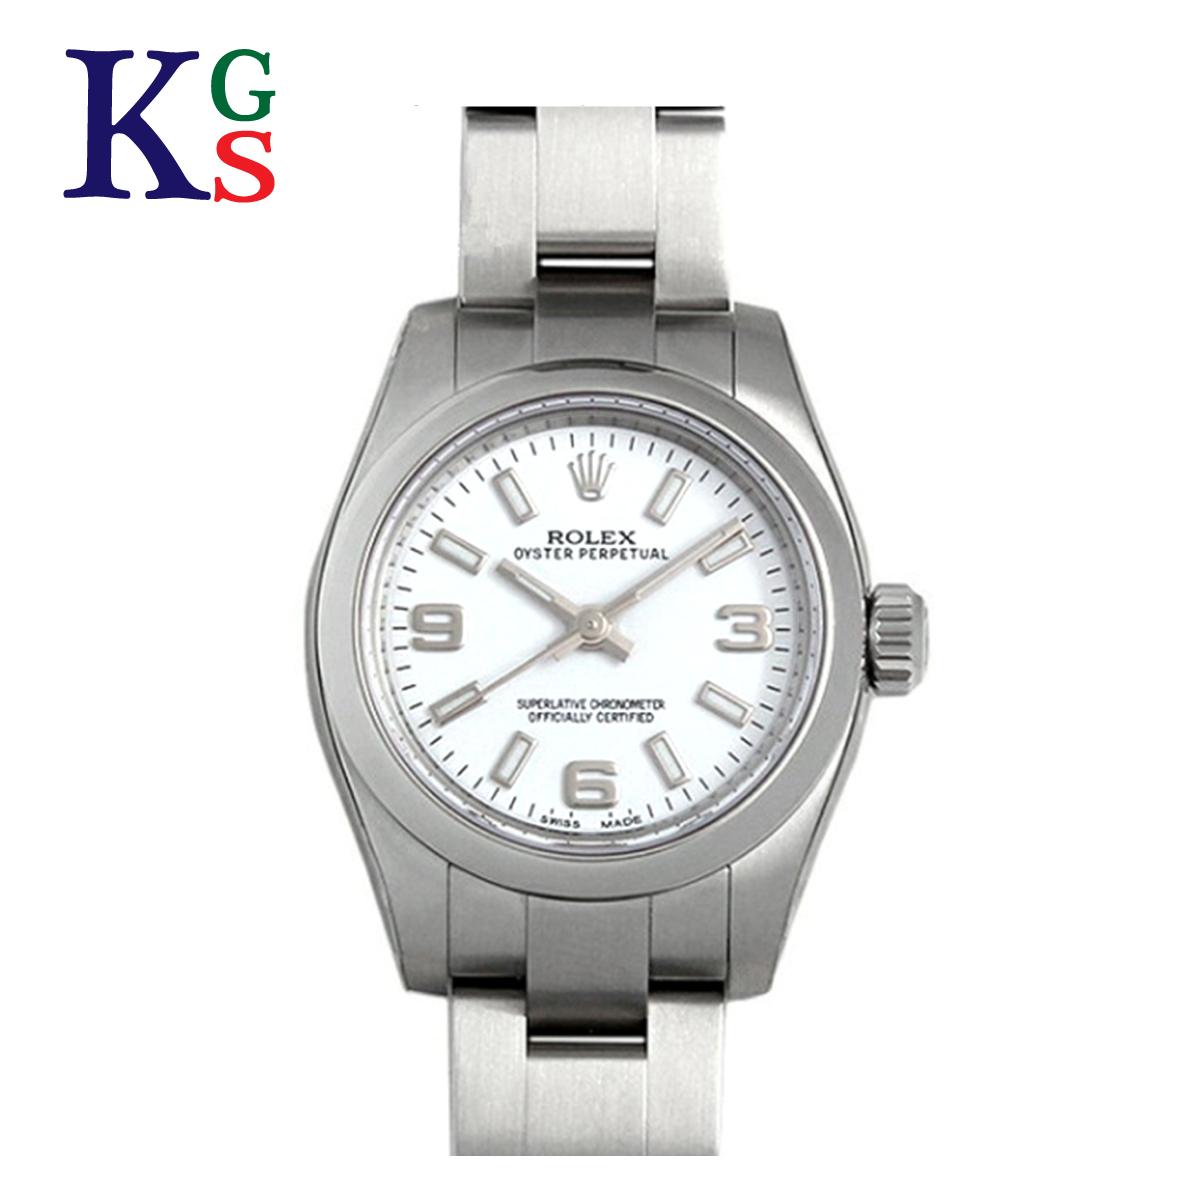 【ギフト品質】ロレックス ROLEX オイスターパーペチュアル ホワイト文字盤 レディース 腕時計 ルーレット刻印 自動巻き 176200